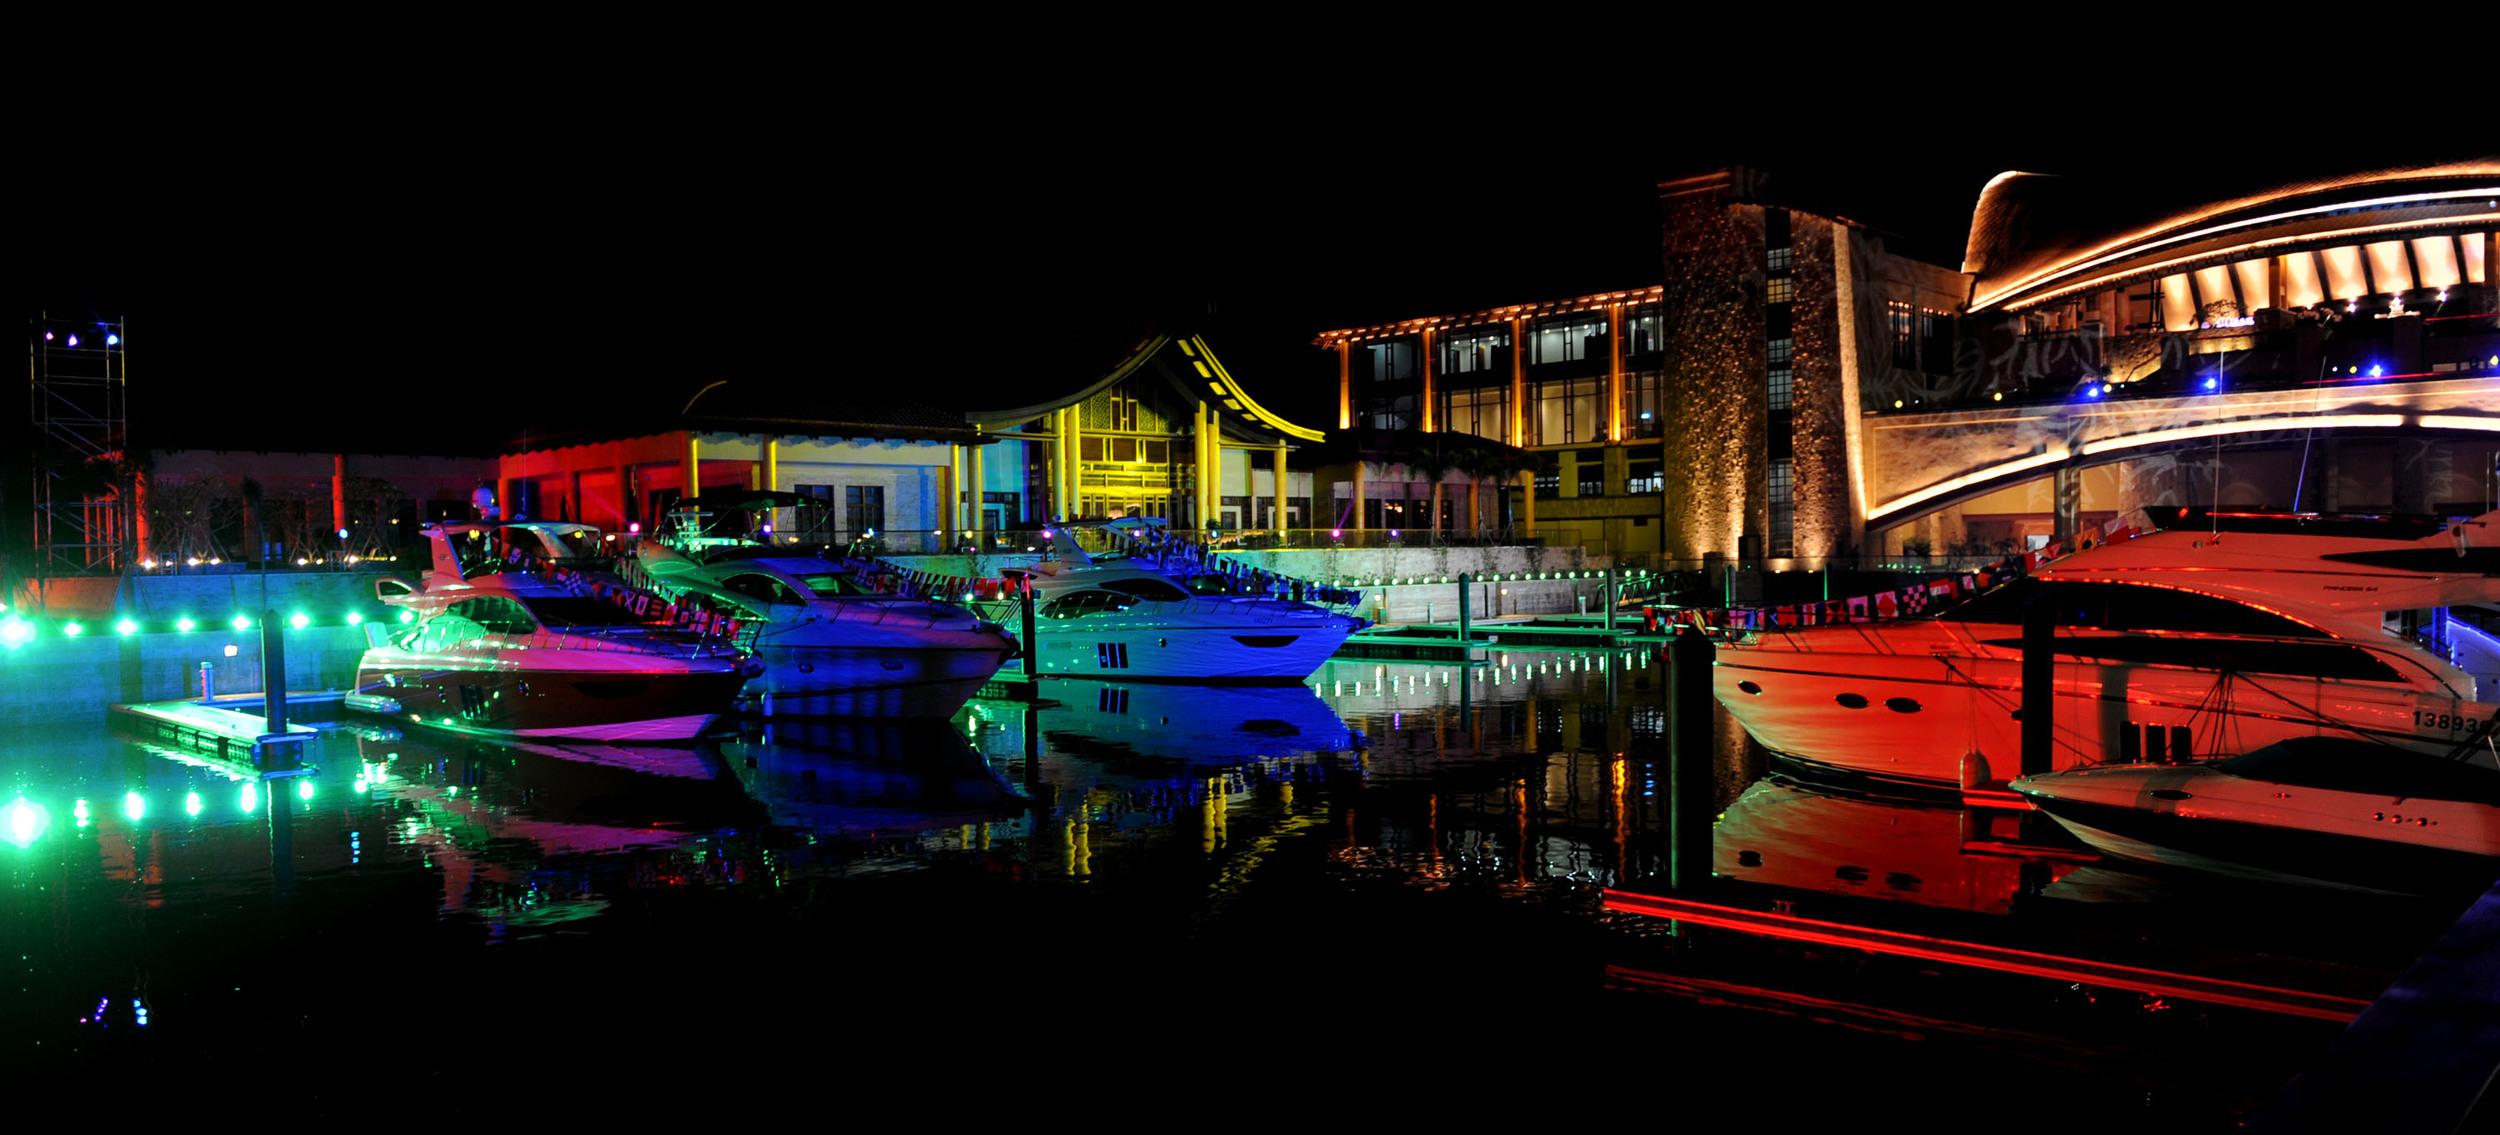 """11月29日晚,""""游艇派对""""在三亚亚龙湾举行,在焰火和灯光的衬托下,一艘艘游艇多姿多彩.jpg"""